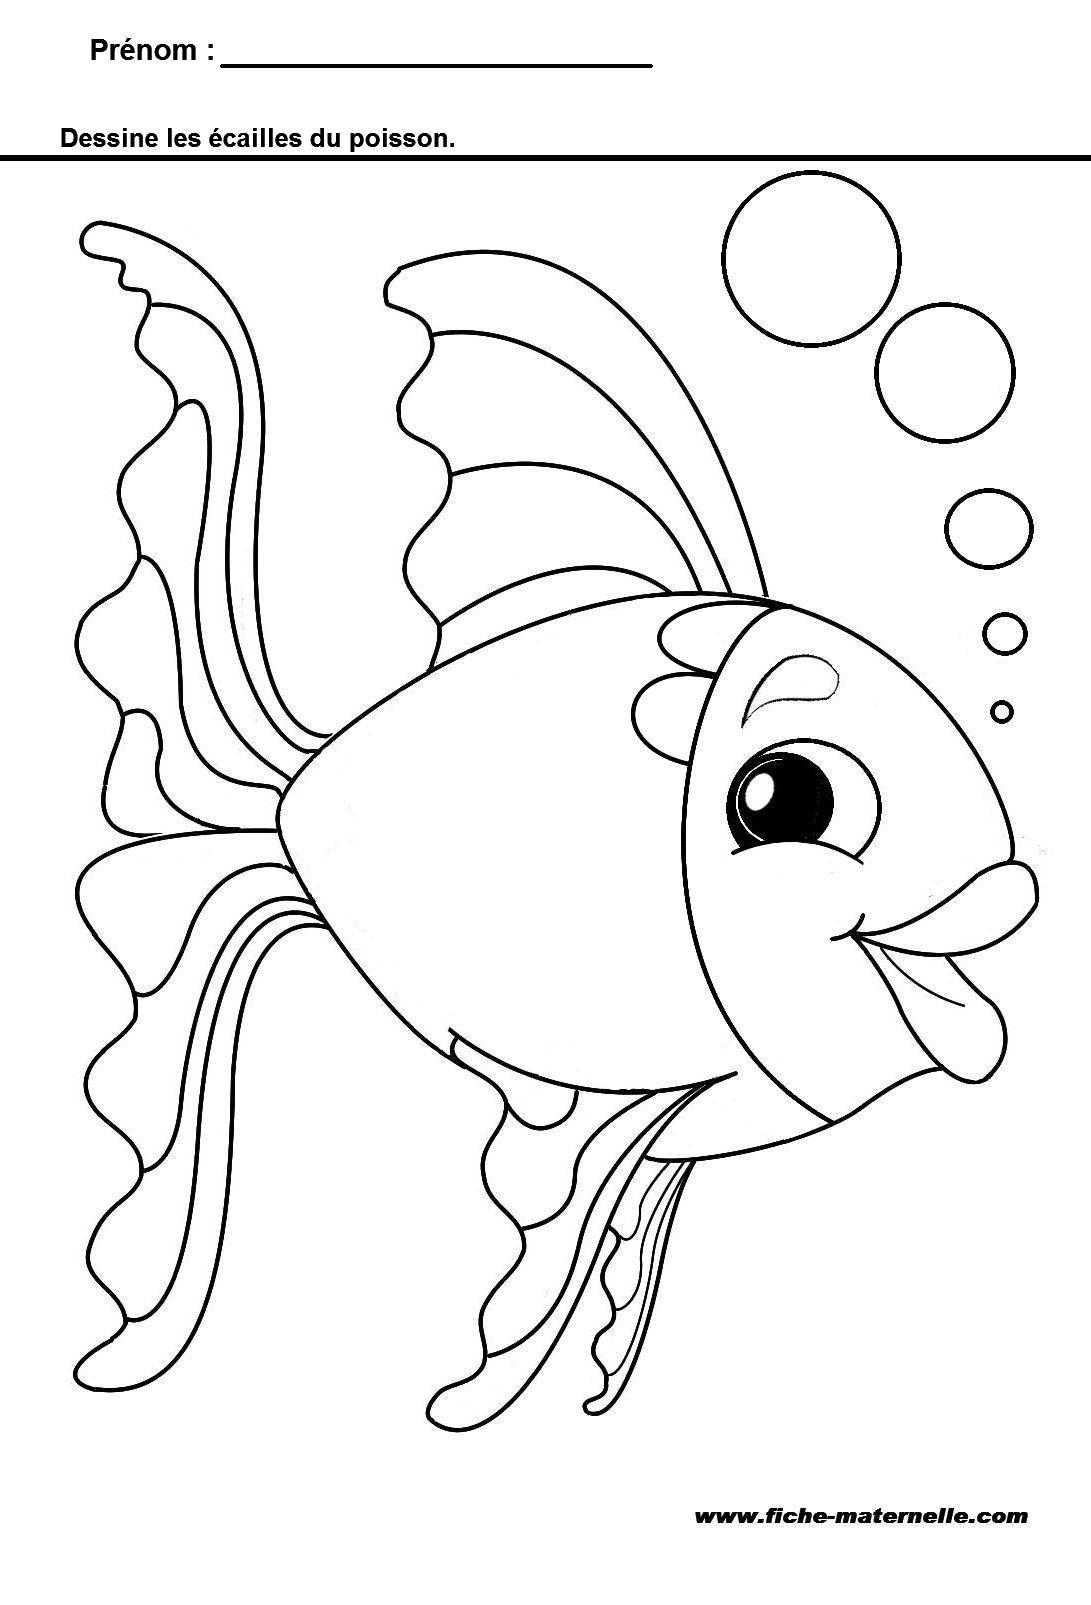 Comment dessiner des ecailles - Dessiner un poisson facilement ...